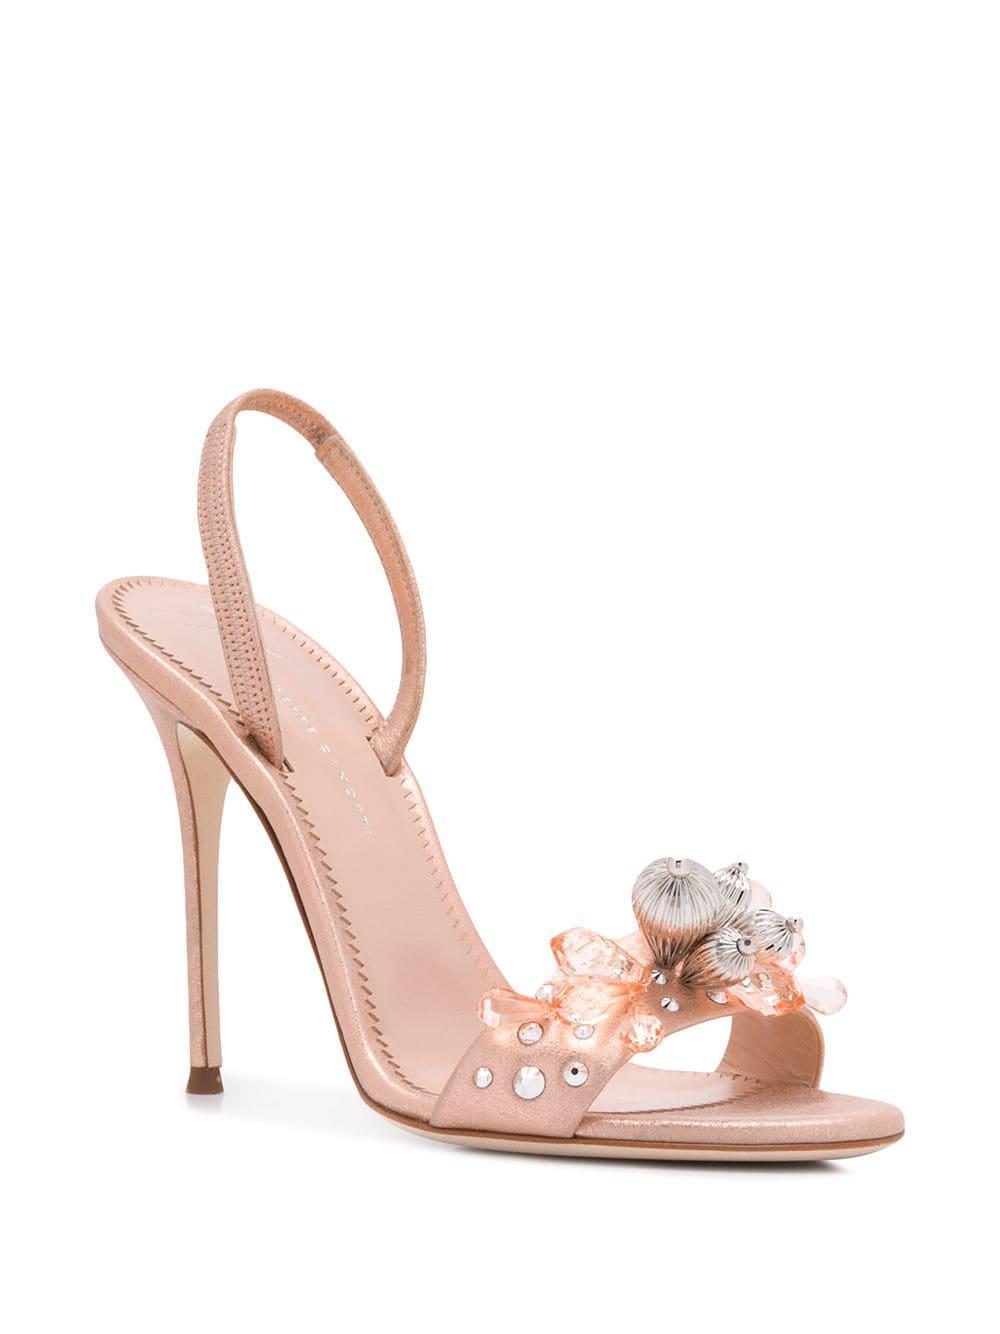 24dd77d6e2a1 Lyst - Giuseppe Zanotti Pearle Gem Sandals in Pink